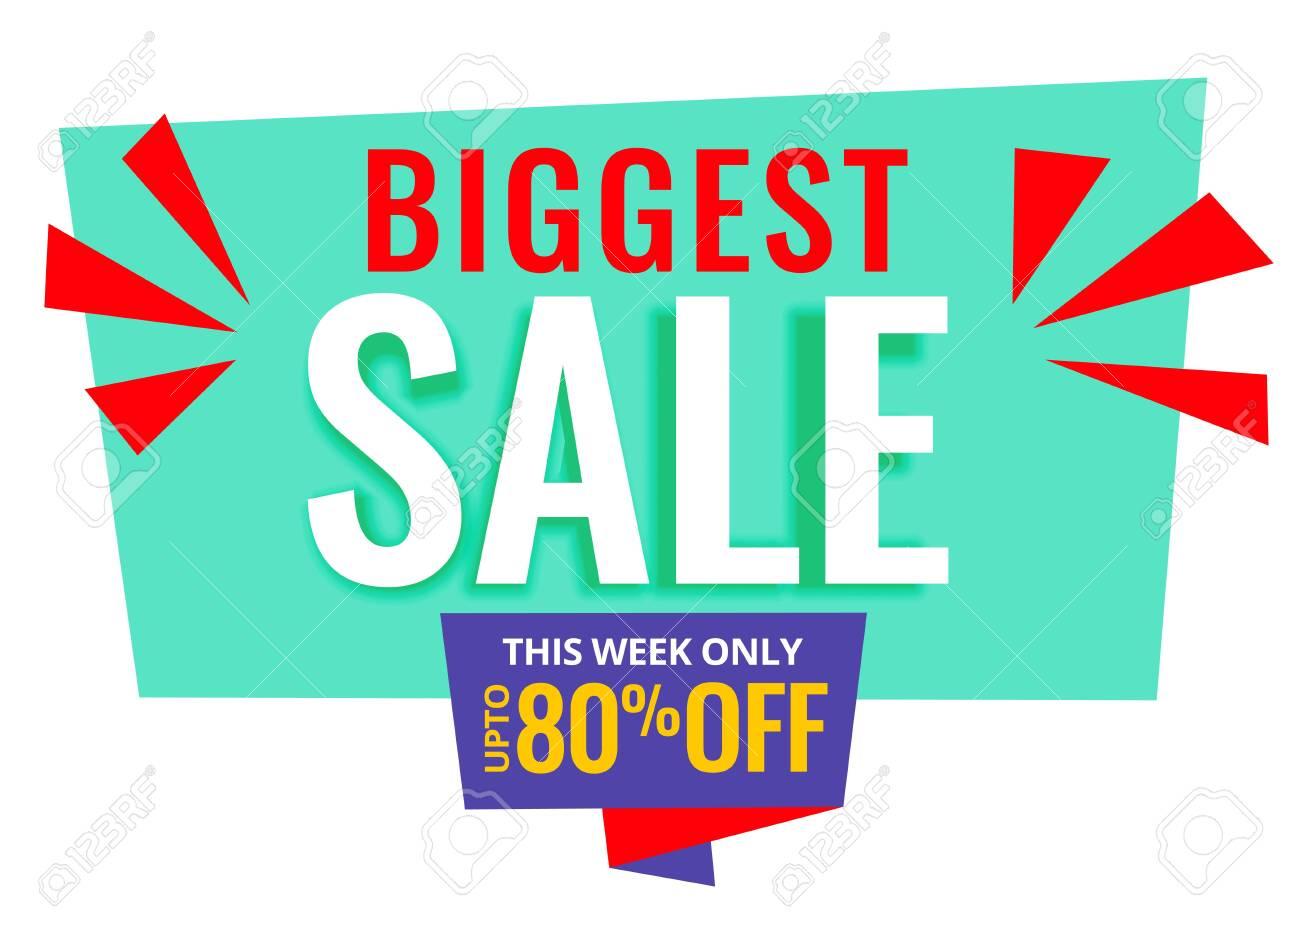 biggest sale promotional banner design - 149166796